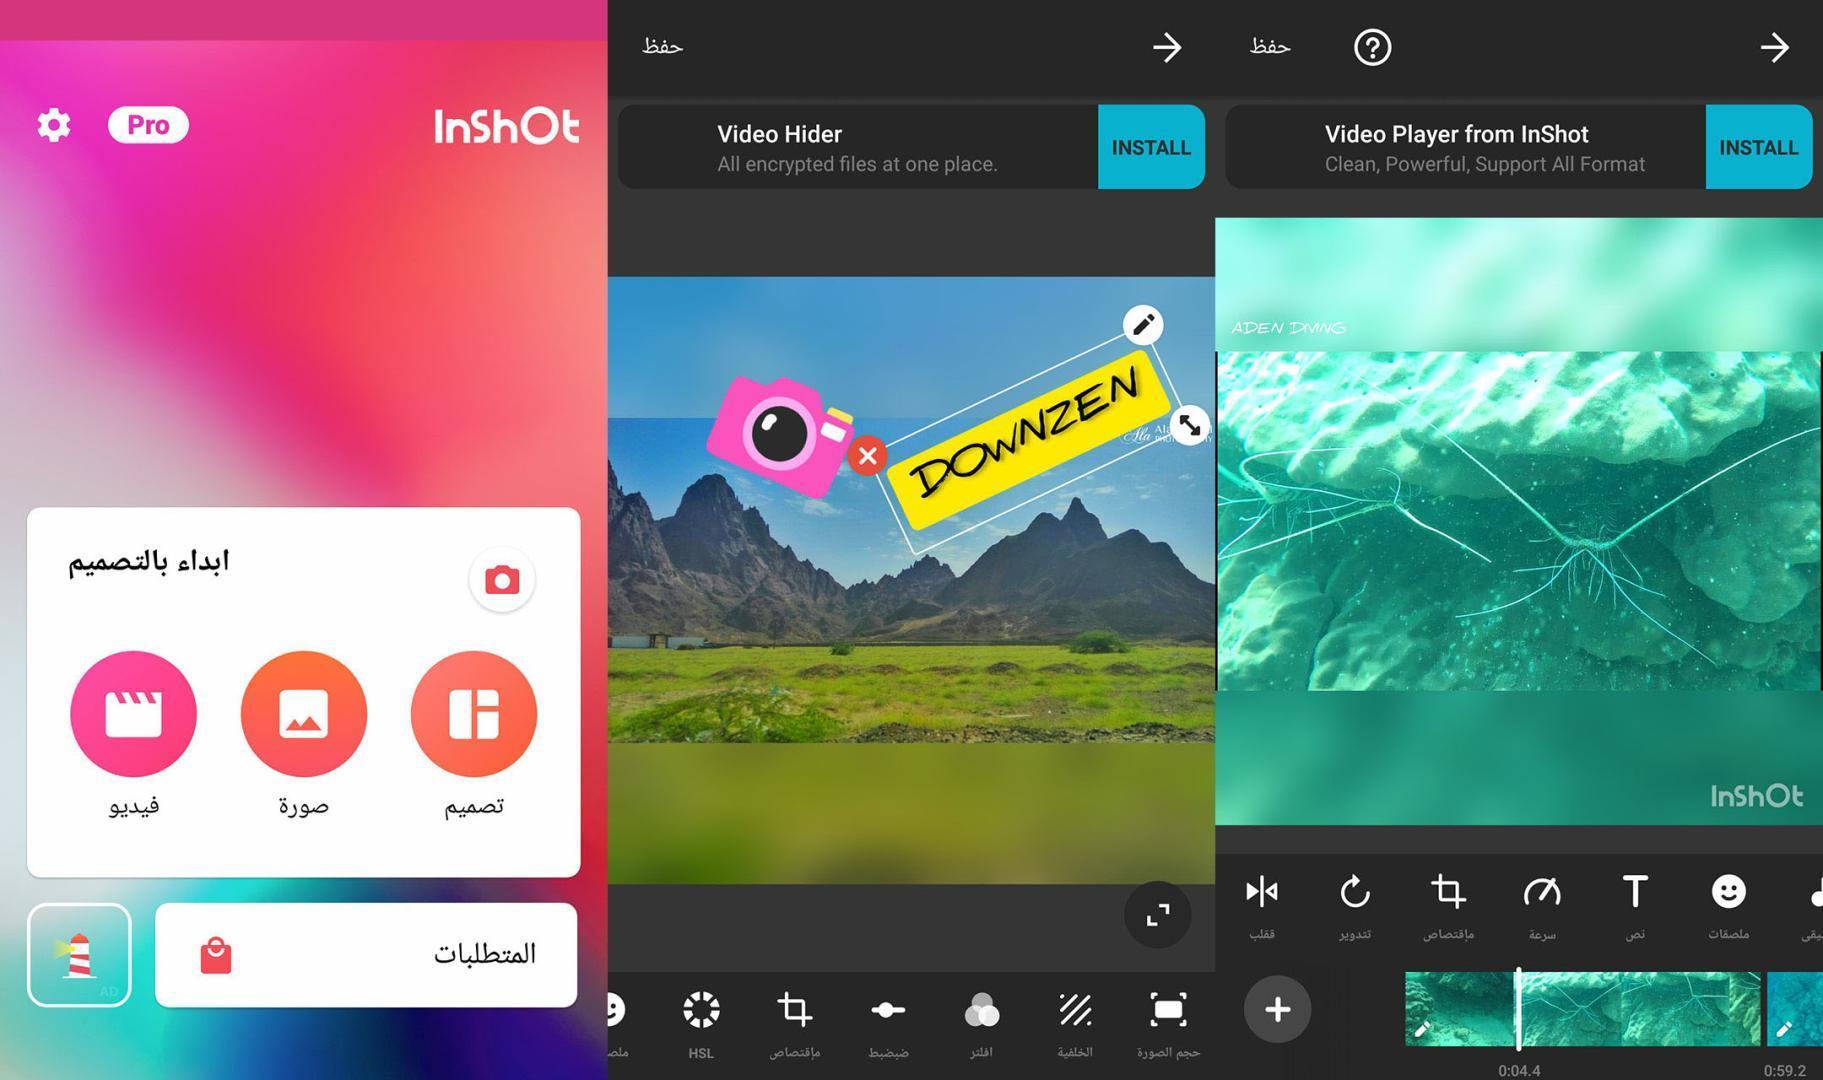 أفضل تطبيق لتصميم وتعديل الفيديوهات